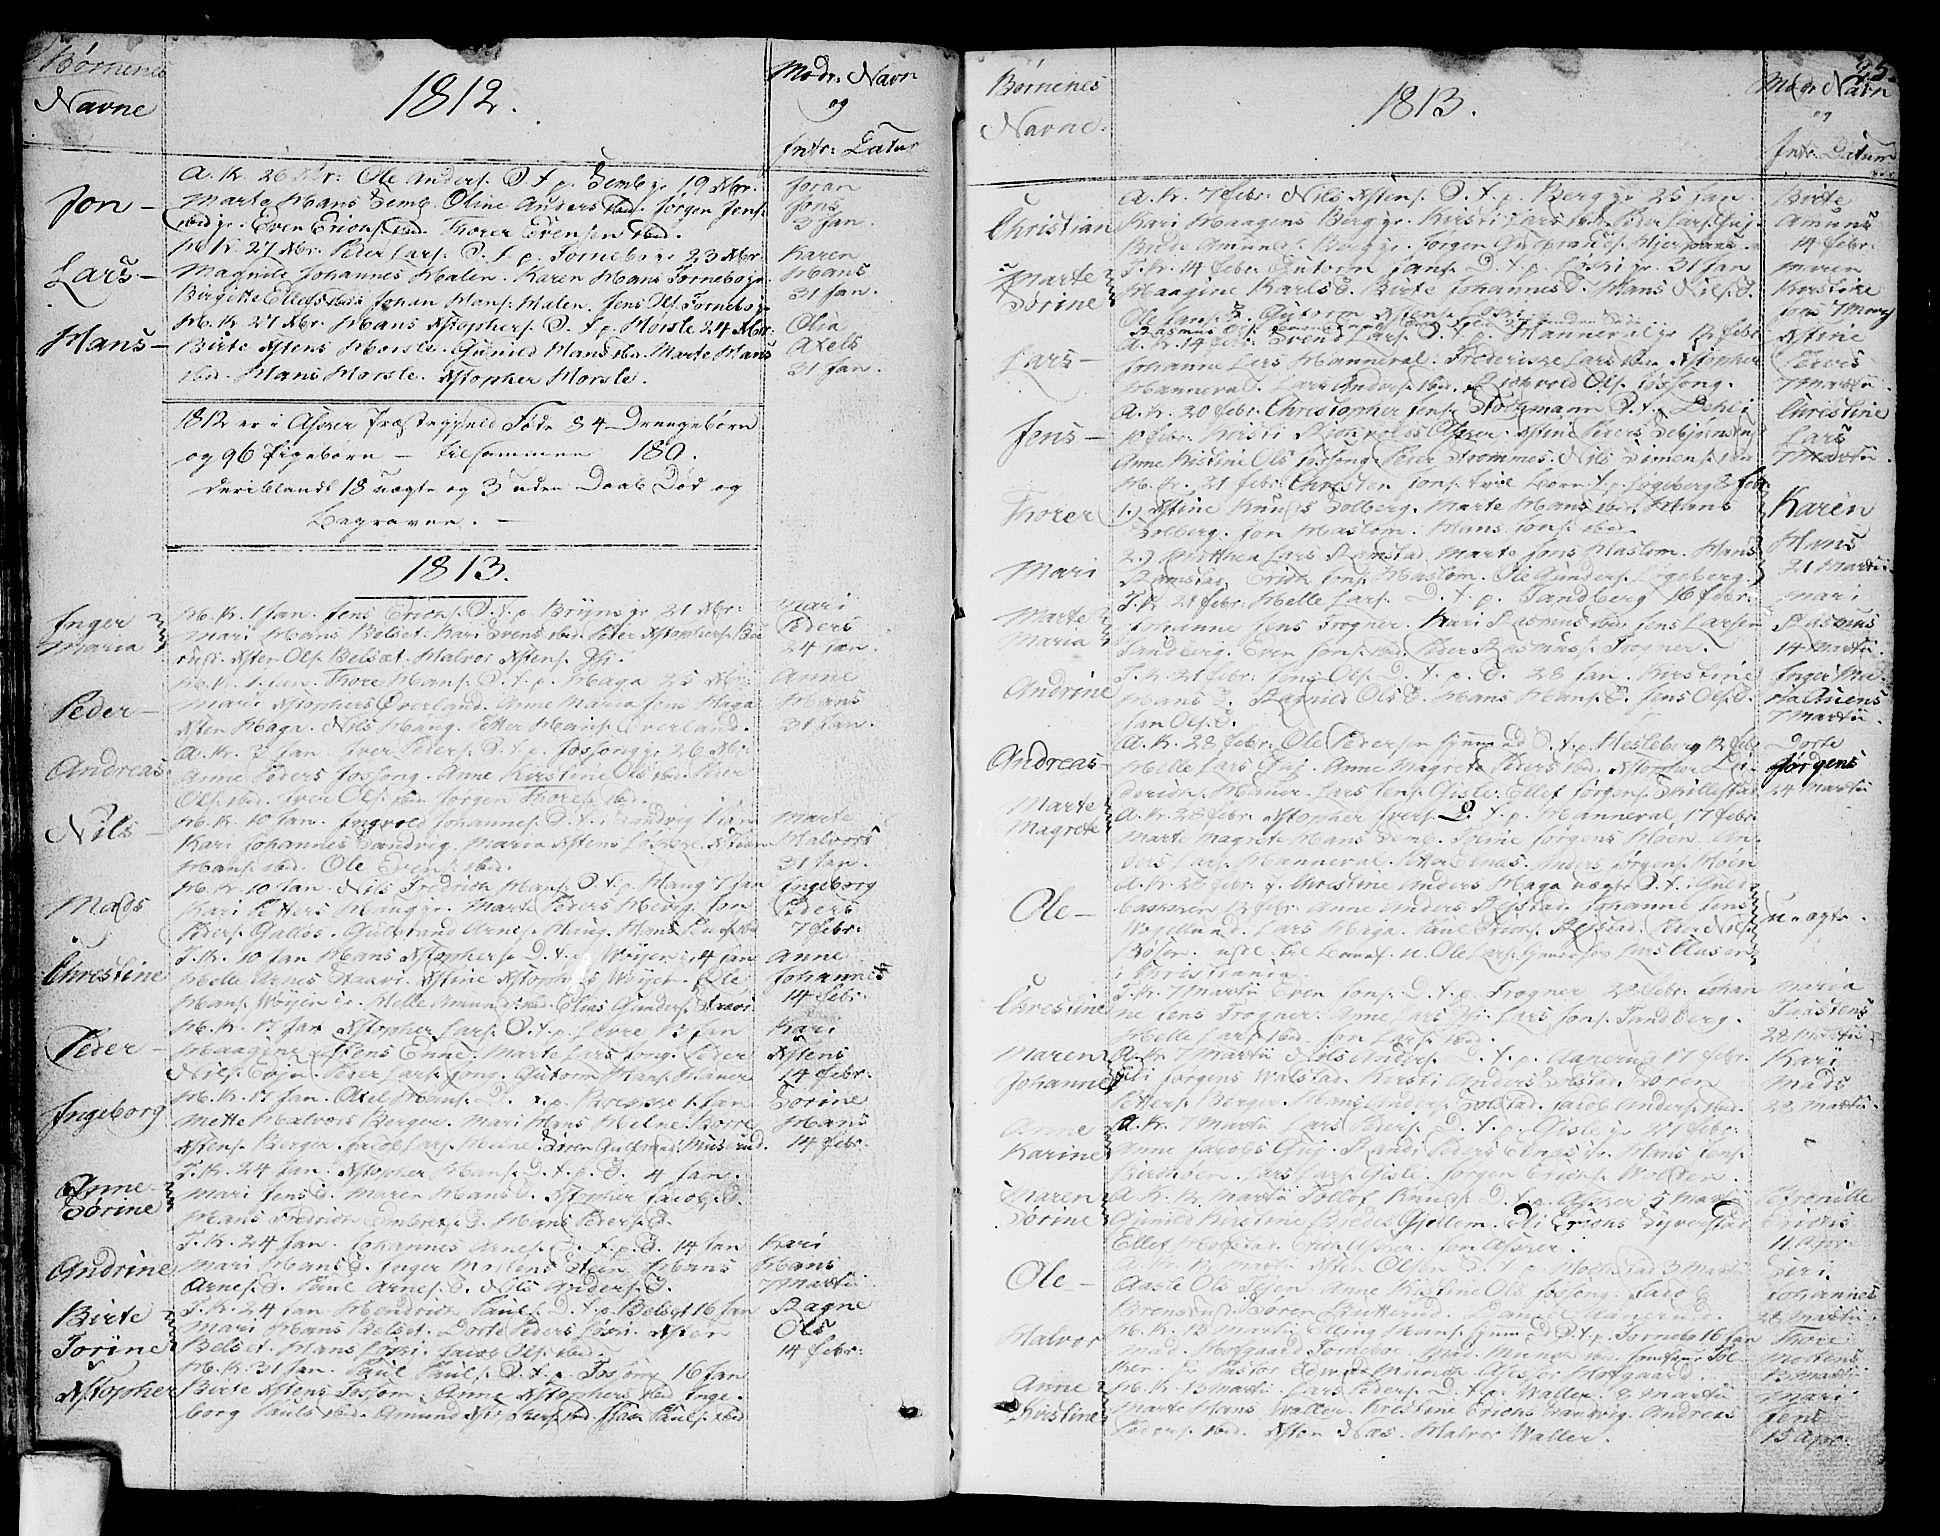 SAO, Asker prestekontor Kirkebøker, F/Fa/L0005: Ministerialbok nr. I 5, 1807-1813, s. 25